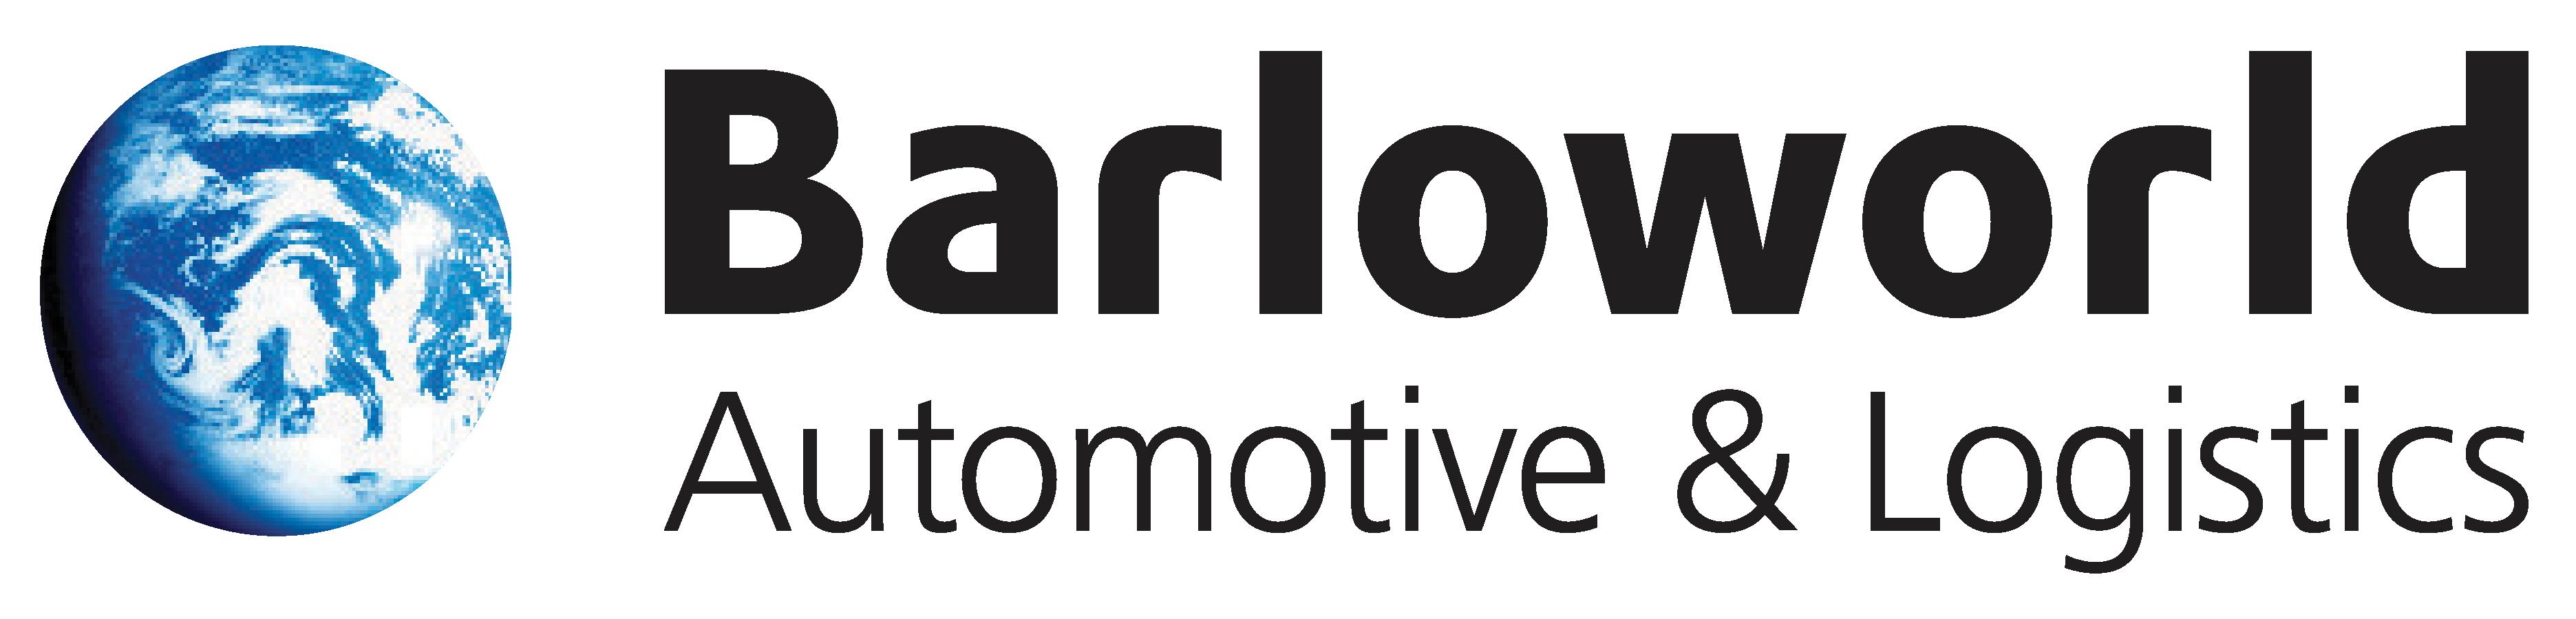 Barloworld_A&L_logo